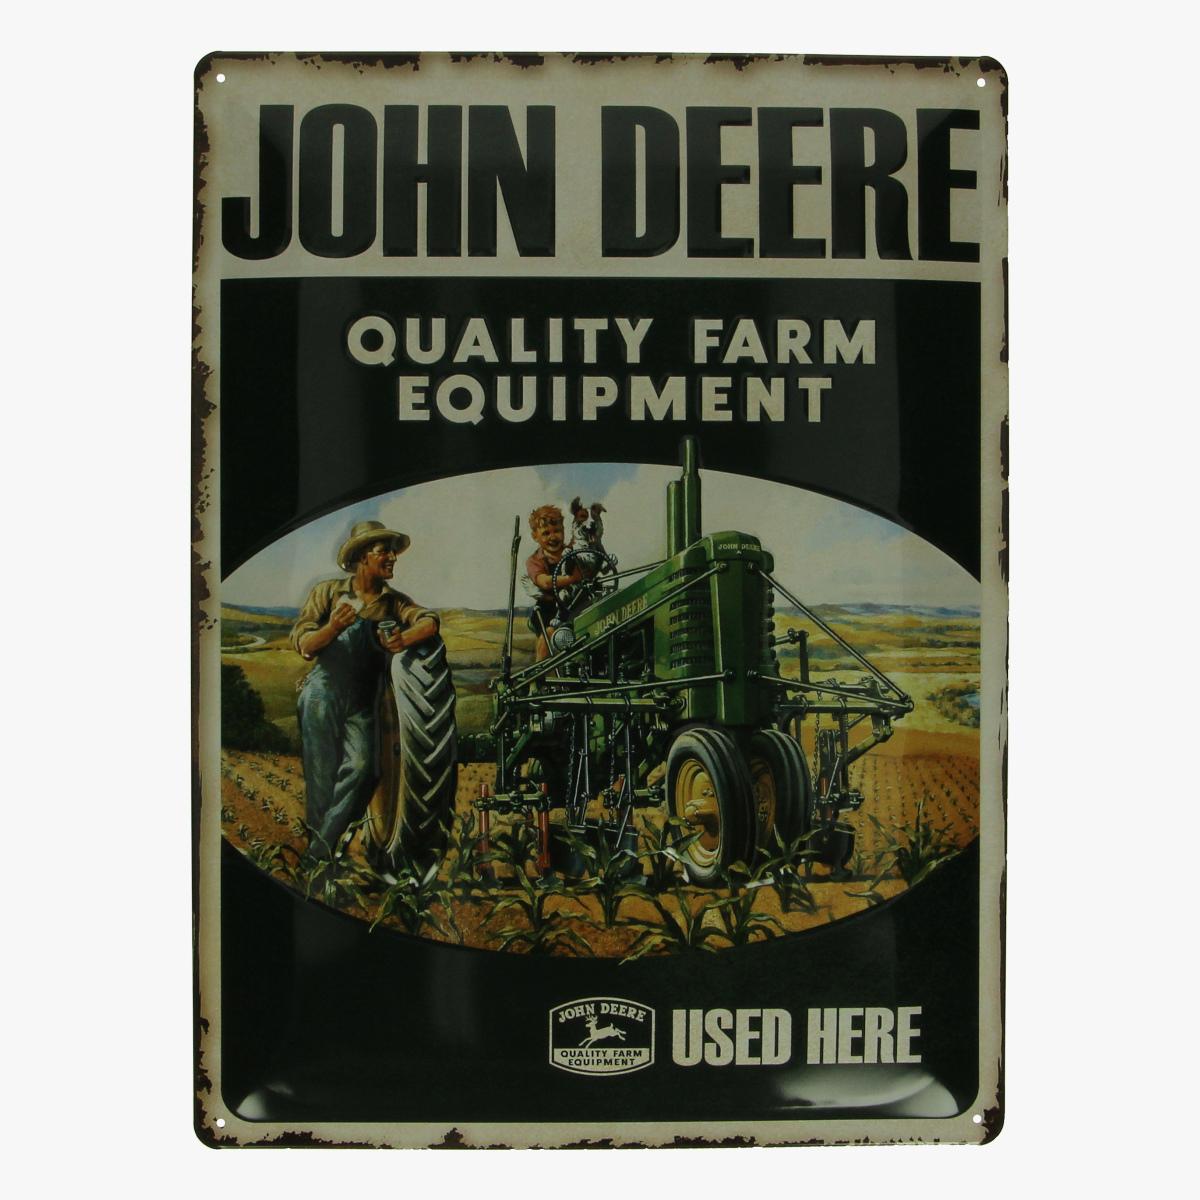 Afbeeldingen van blikken bord John Deere tractor repro